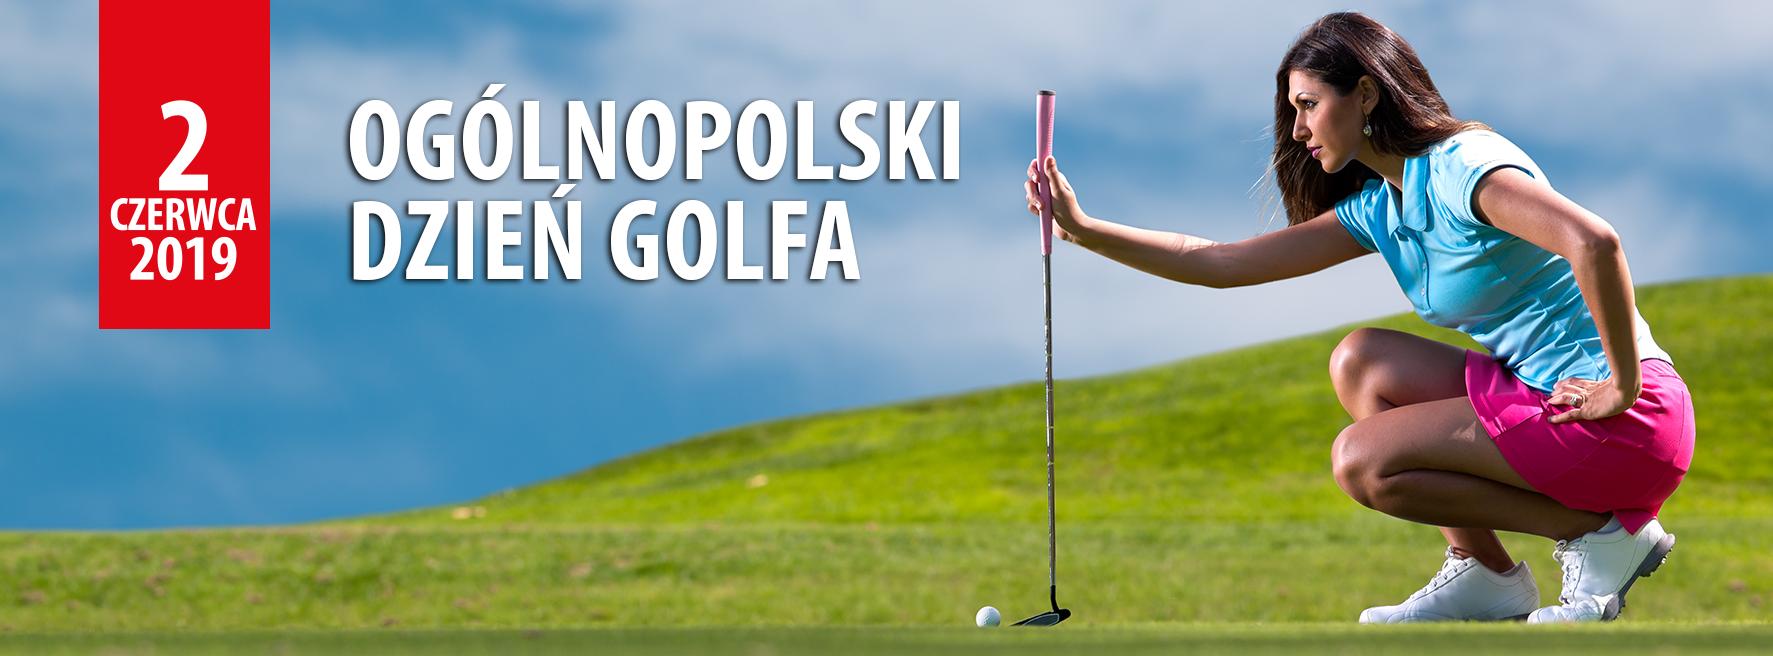 Ogólnopolski Dzień Golfa 2019